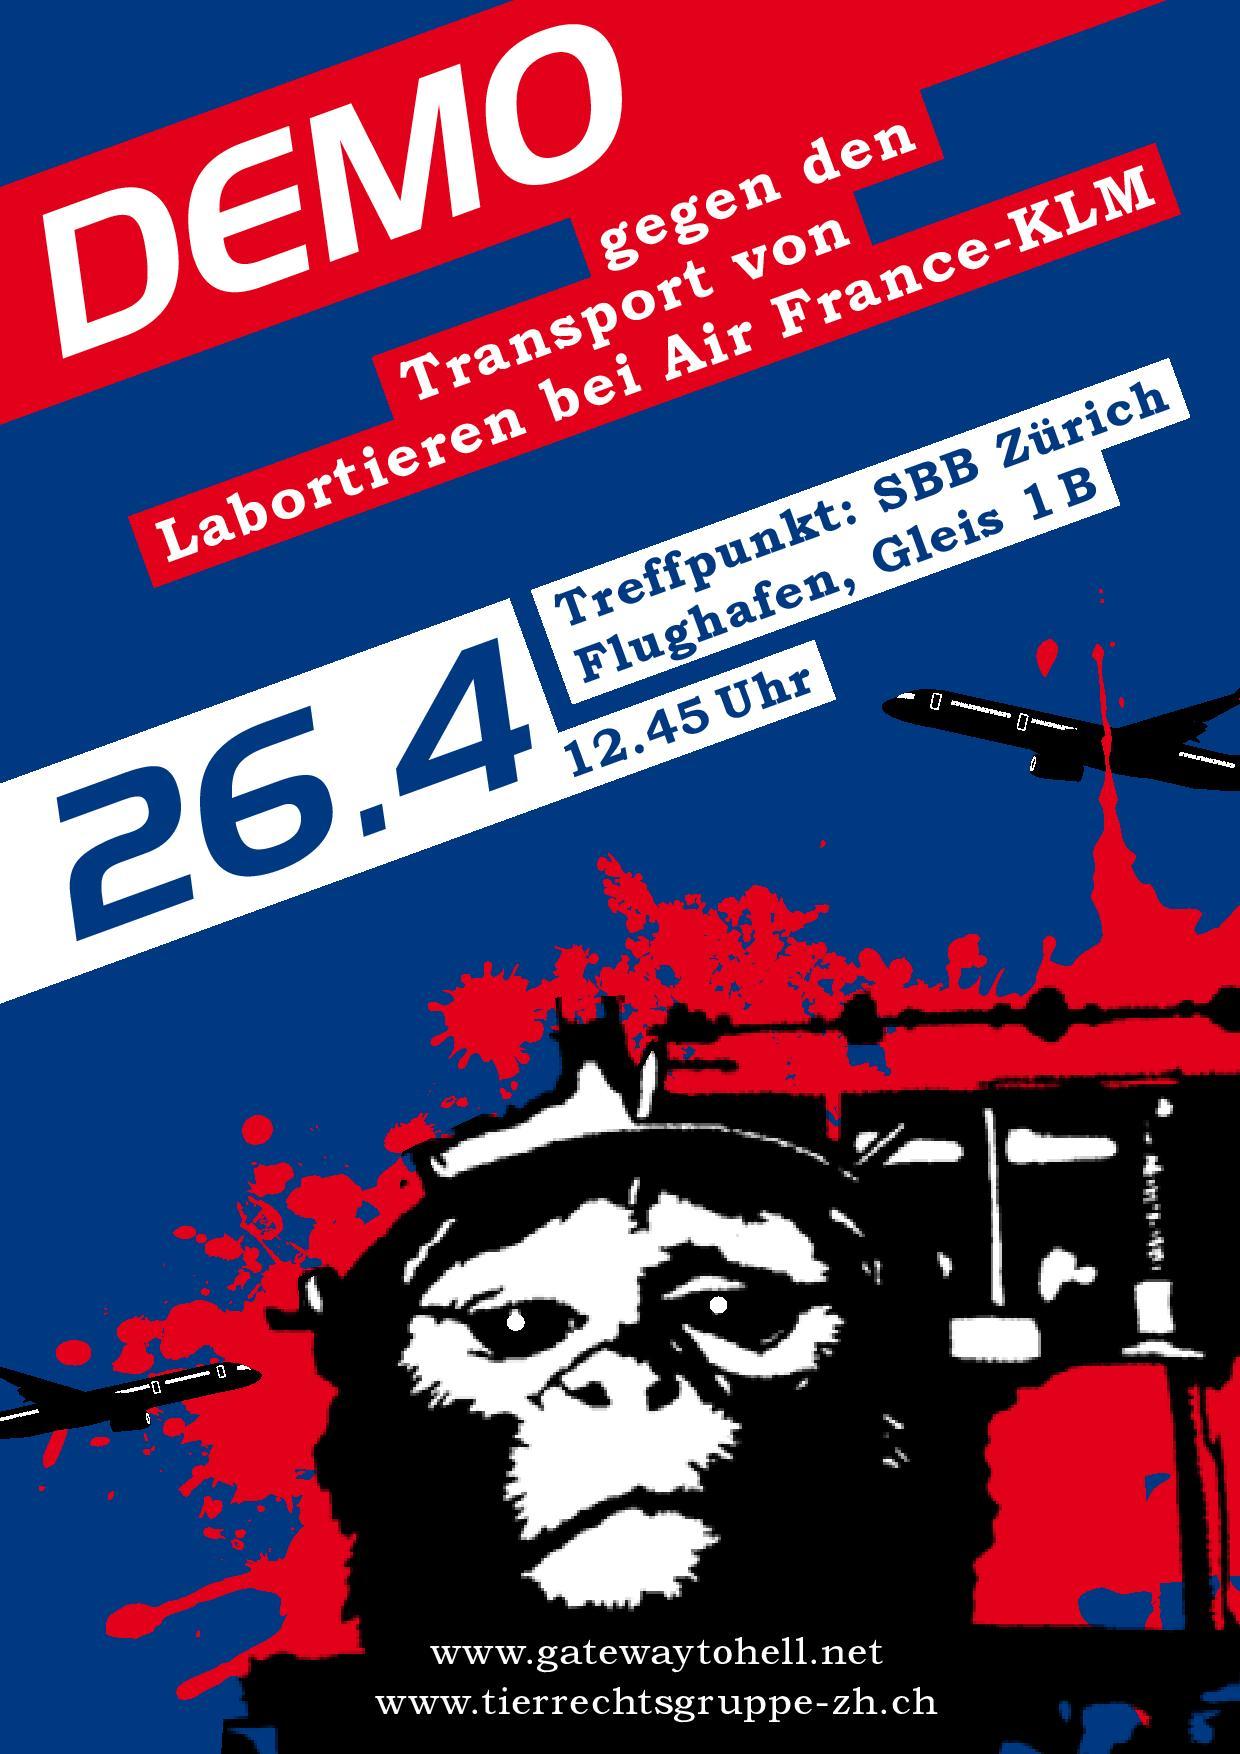 Demo gegen Air France-KLM